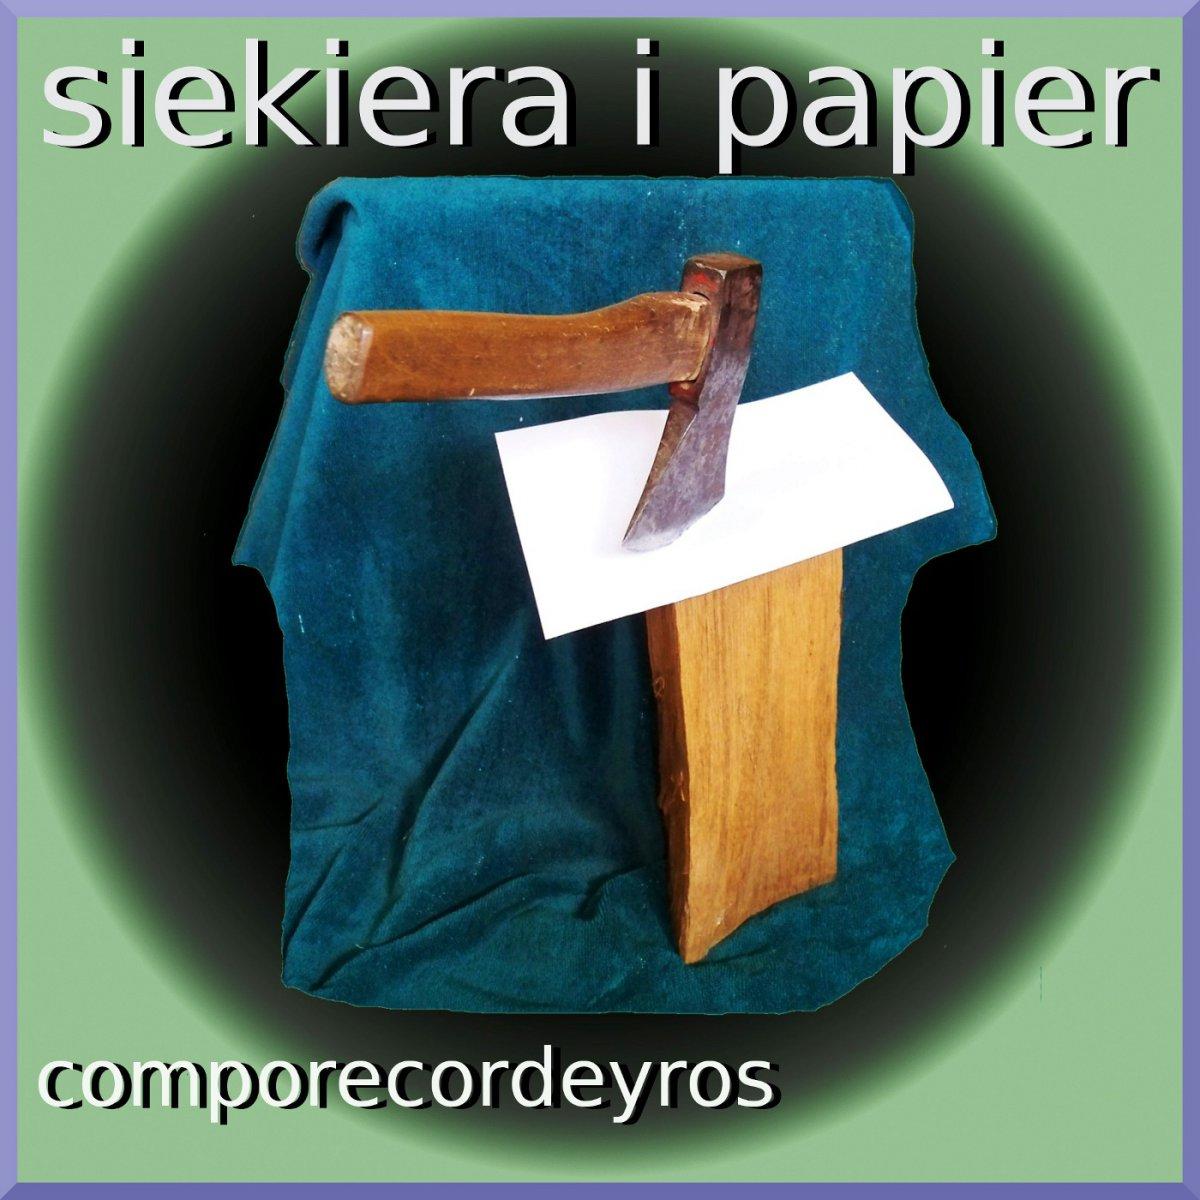 Siekiera i papier (teksty) - Ebook (Książka PDF) do pobrania w formacie PDF